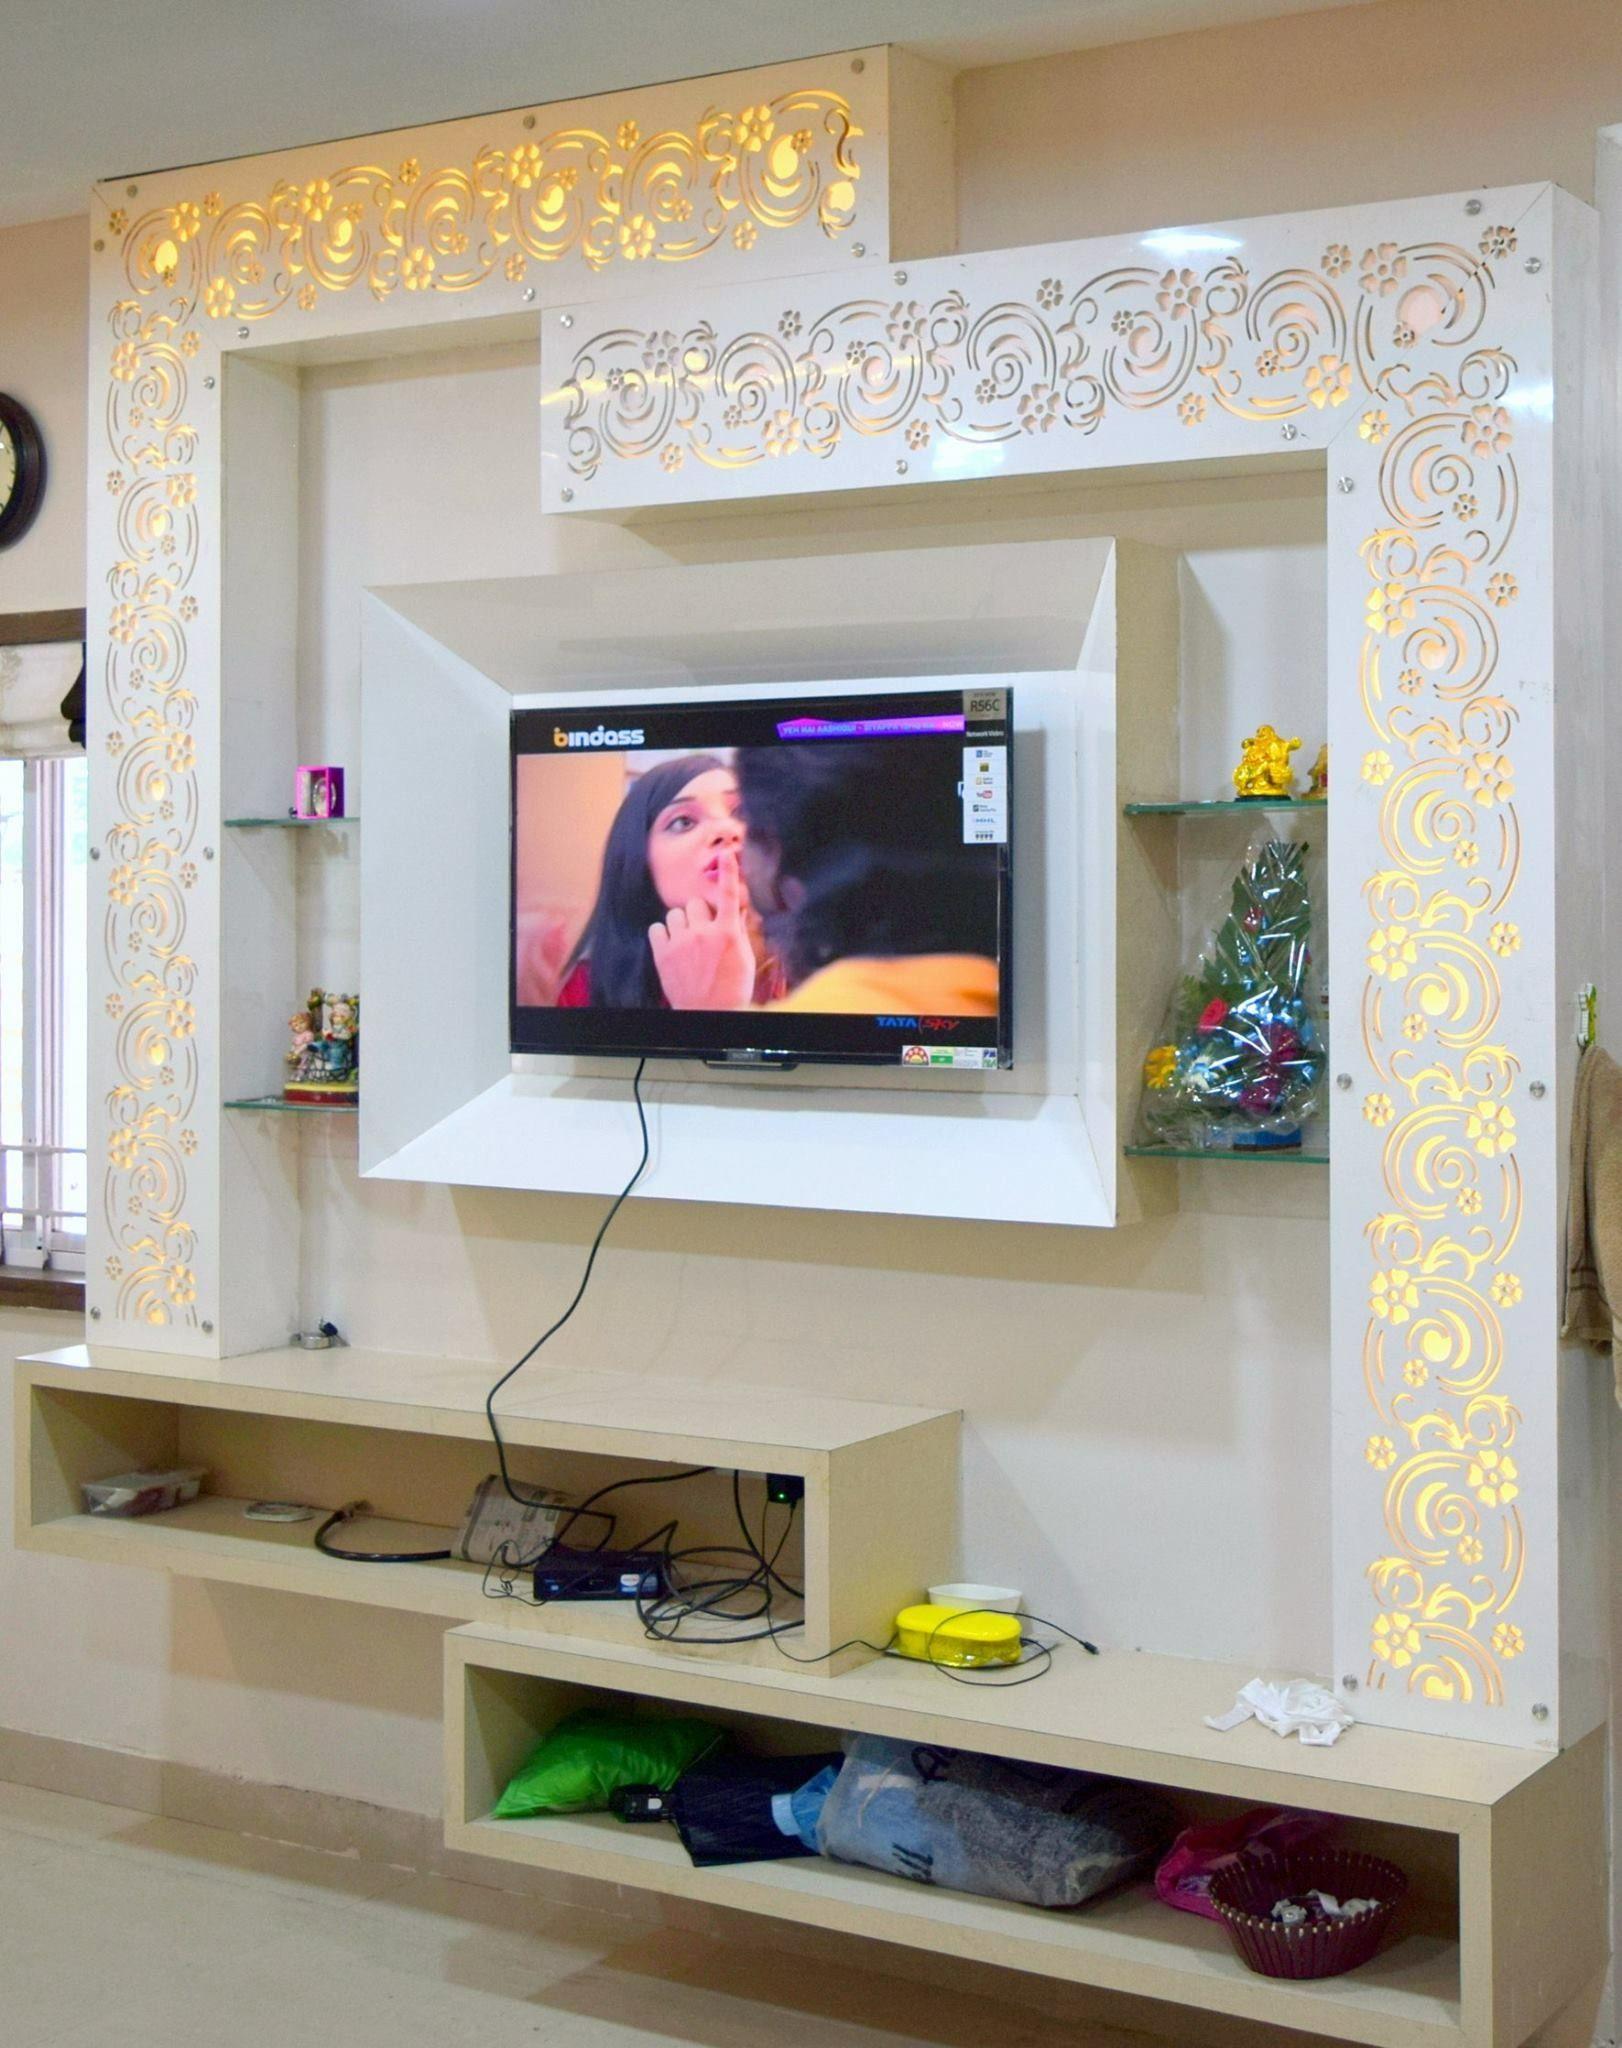 Interior design-ideen wohnzimmer mit tv pin von mike chefkoch auf möbel  pinterest  wohnzimmer haus und